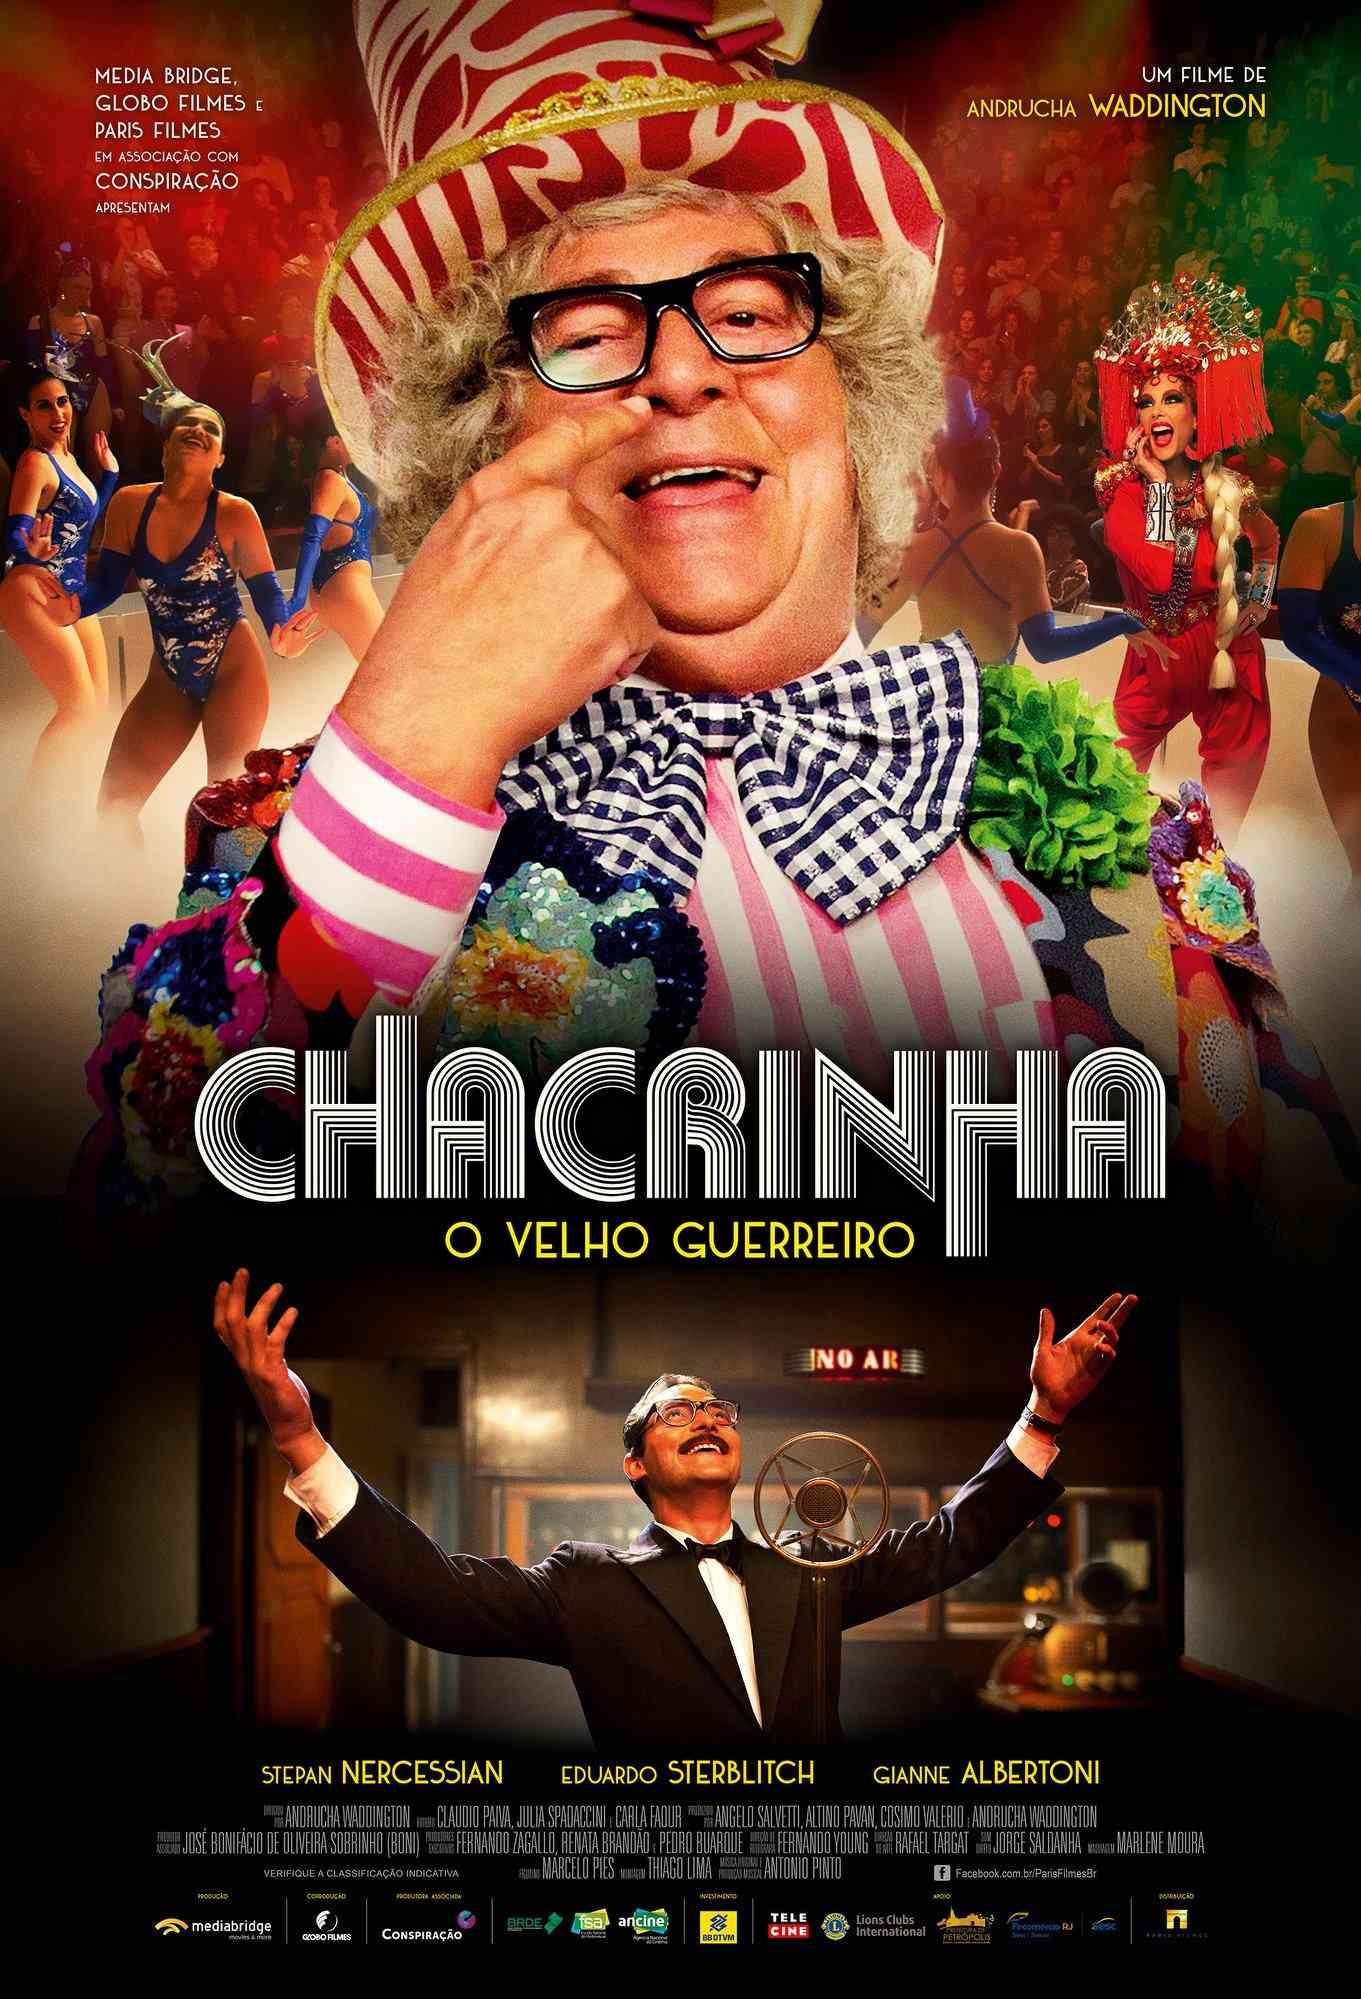 Resultado de imagem para cartaz do filme Chacrinha - O Velho Guerreiro